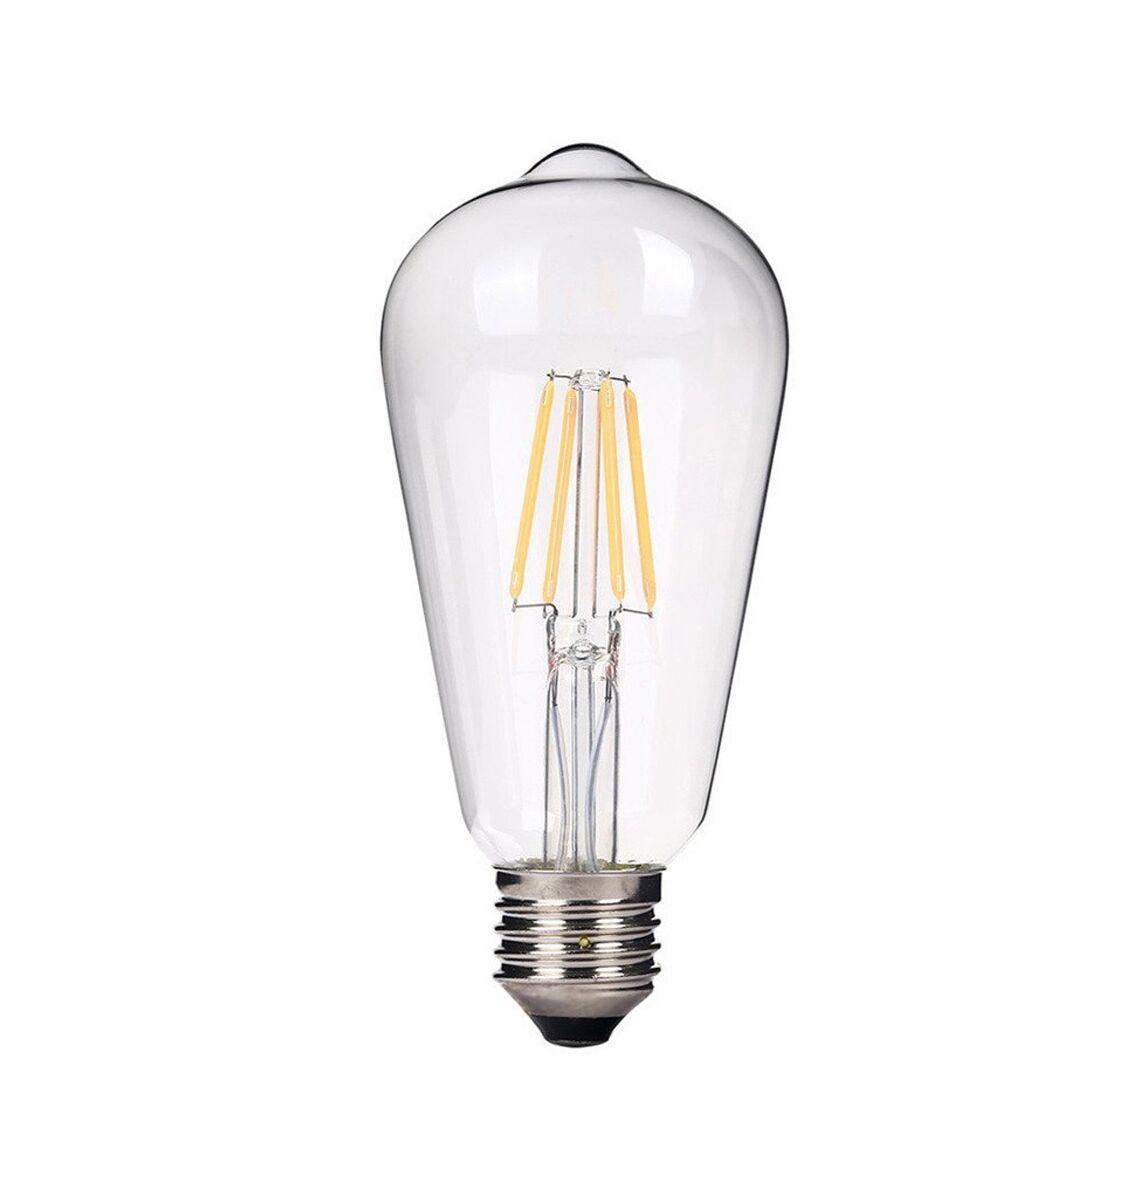 E26 Medium LED Vintage Filament Light Bulb